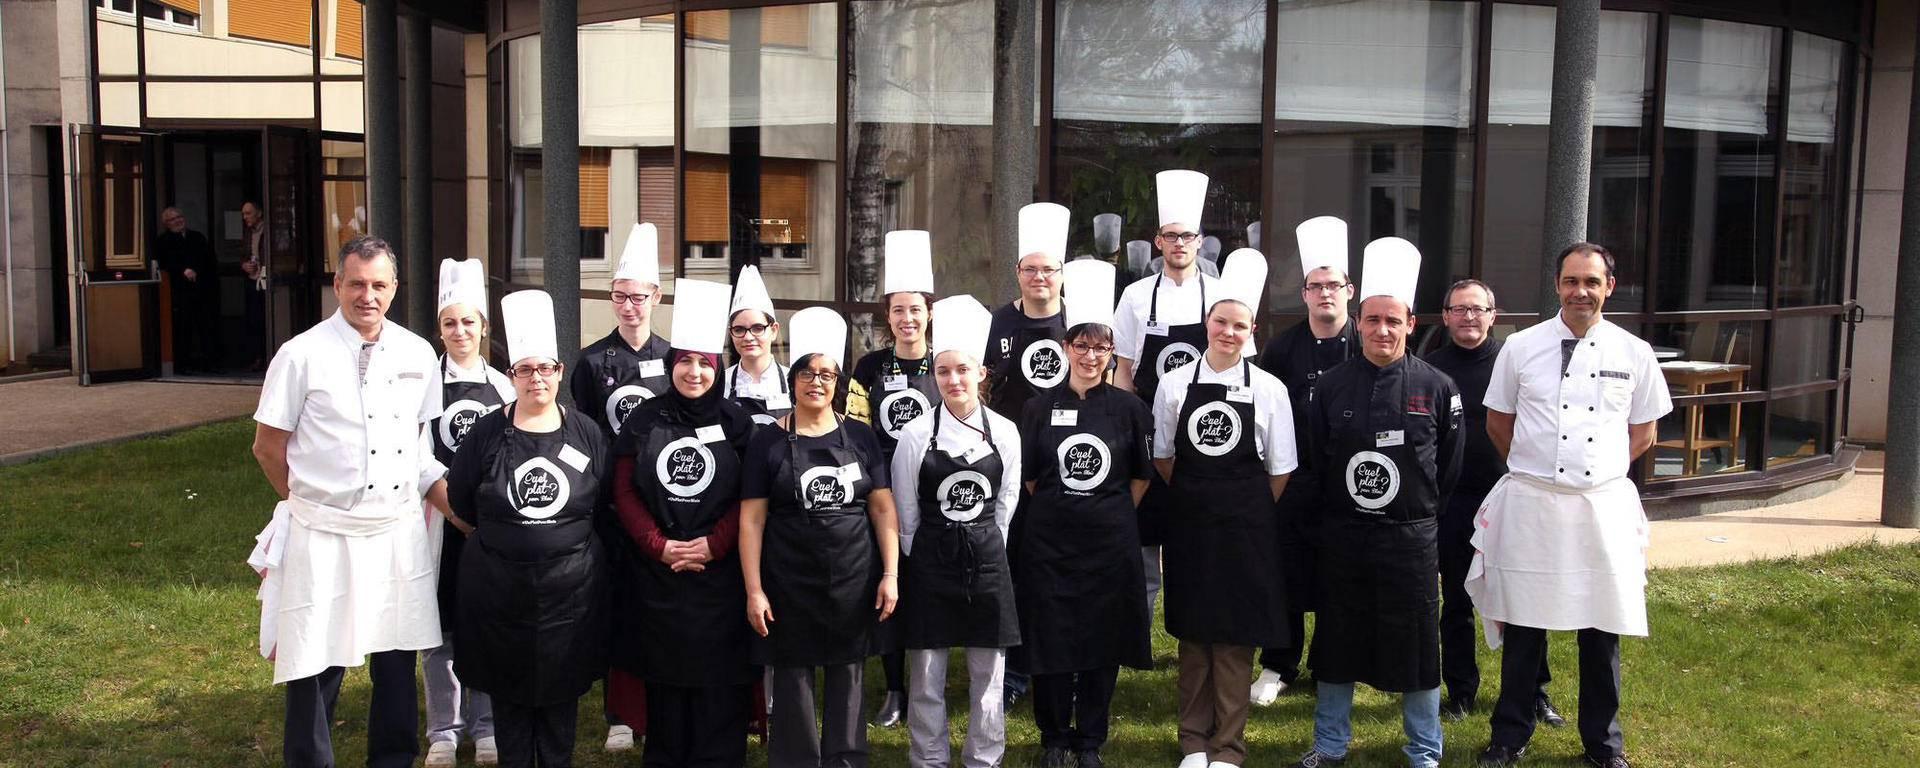 Les participants du concours plat sucré. © Ville de Blois